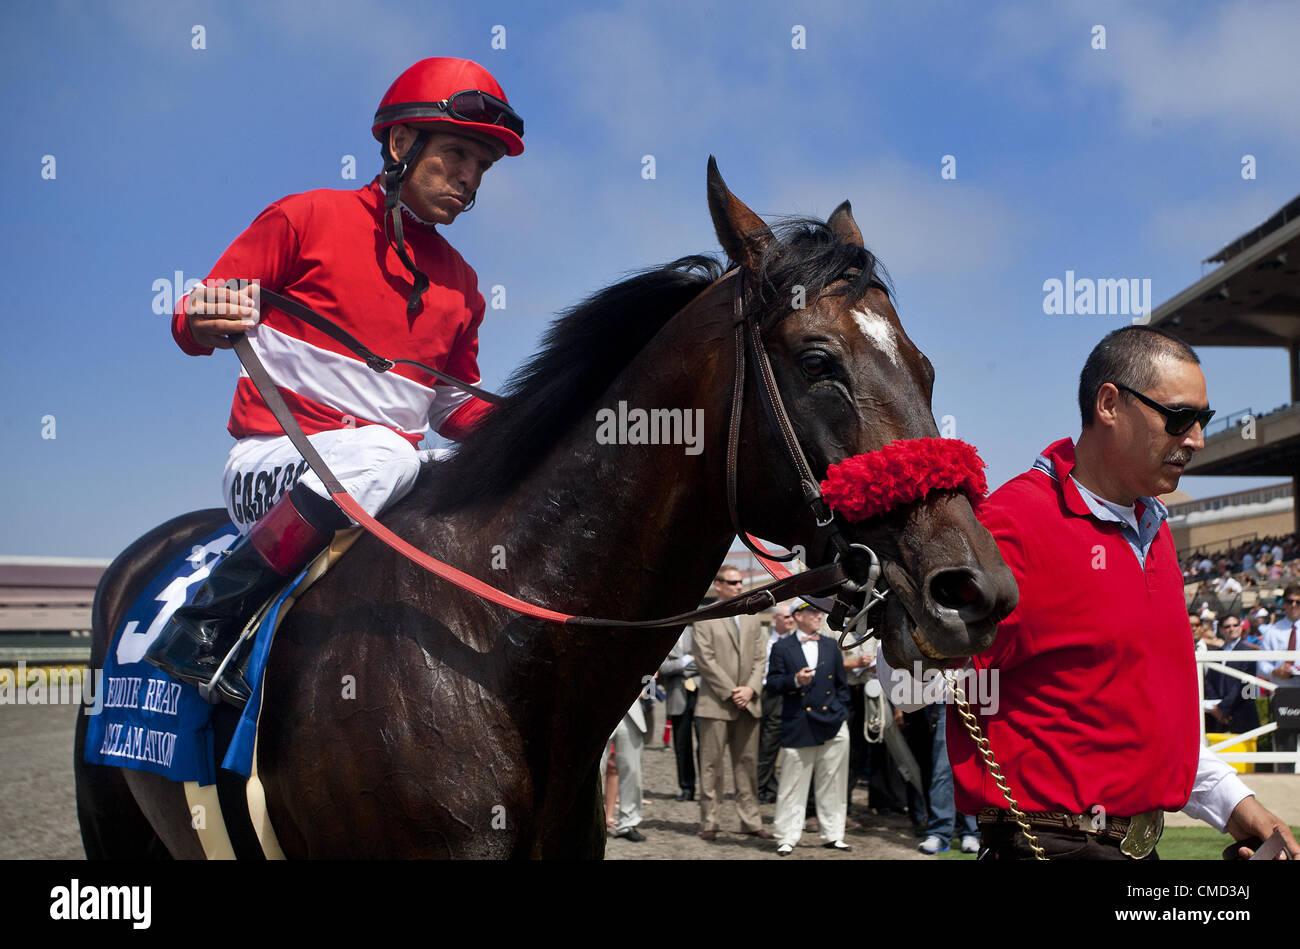 21 juillet 2012 - Del Mar, CA, É.-U. - Acclamation avec Patrick Valenzuela à bord remporte le Eddie Lire Photo Stock